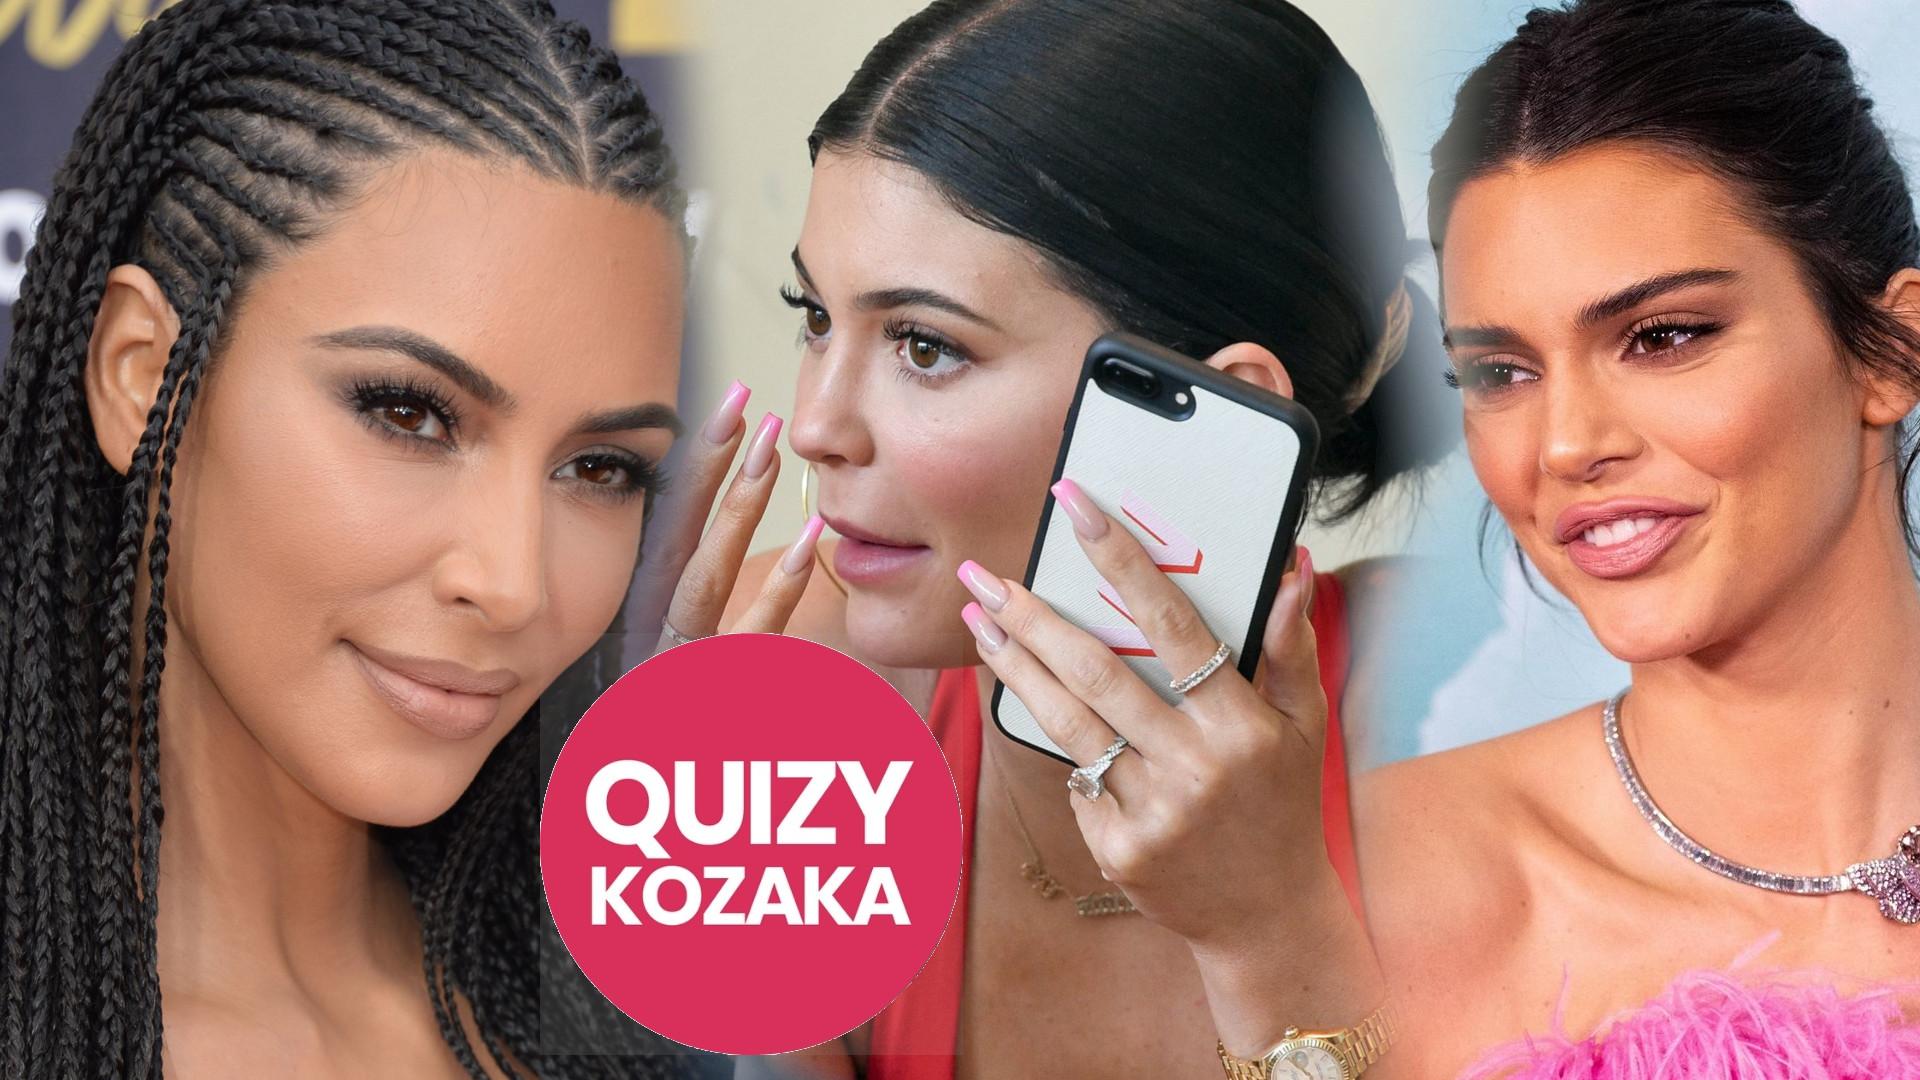 Jesteś jak Kim, Kylie, Khloe czy Kendall? Sprawdź, którą z sióstr Kardashian/Jenner jesteś!